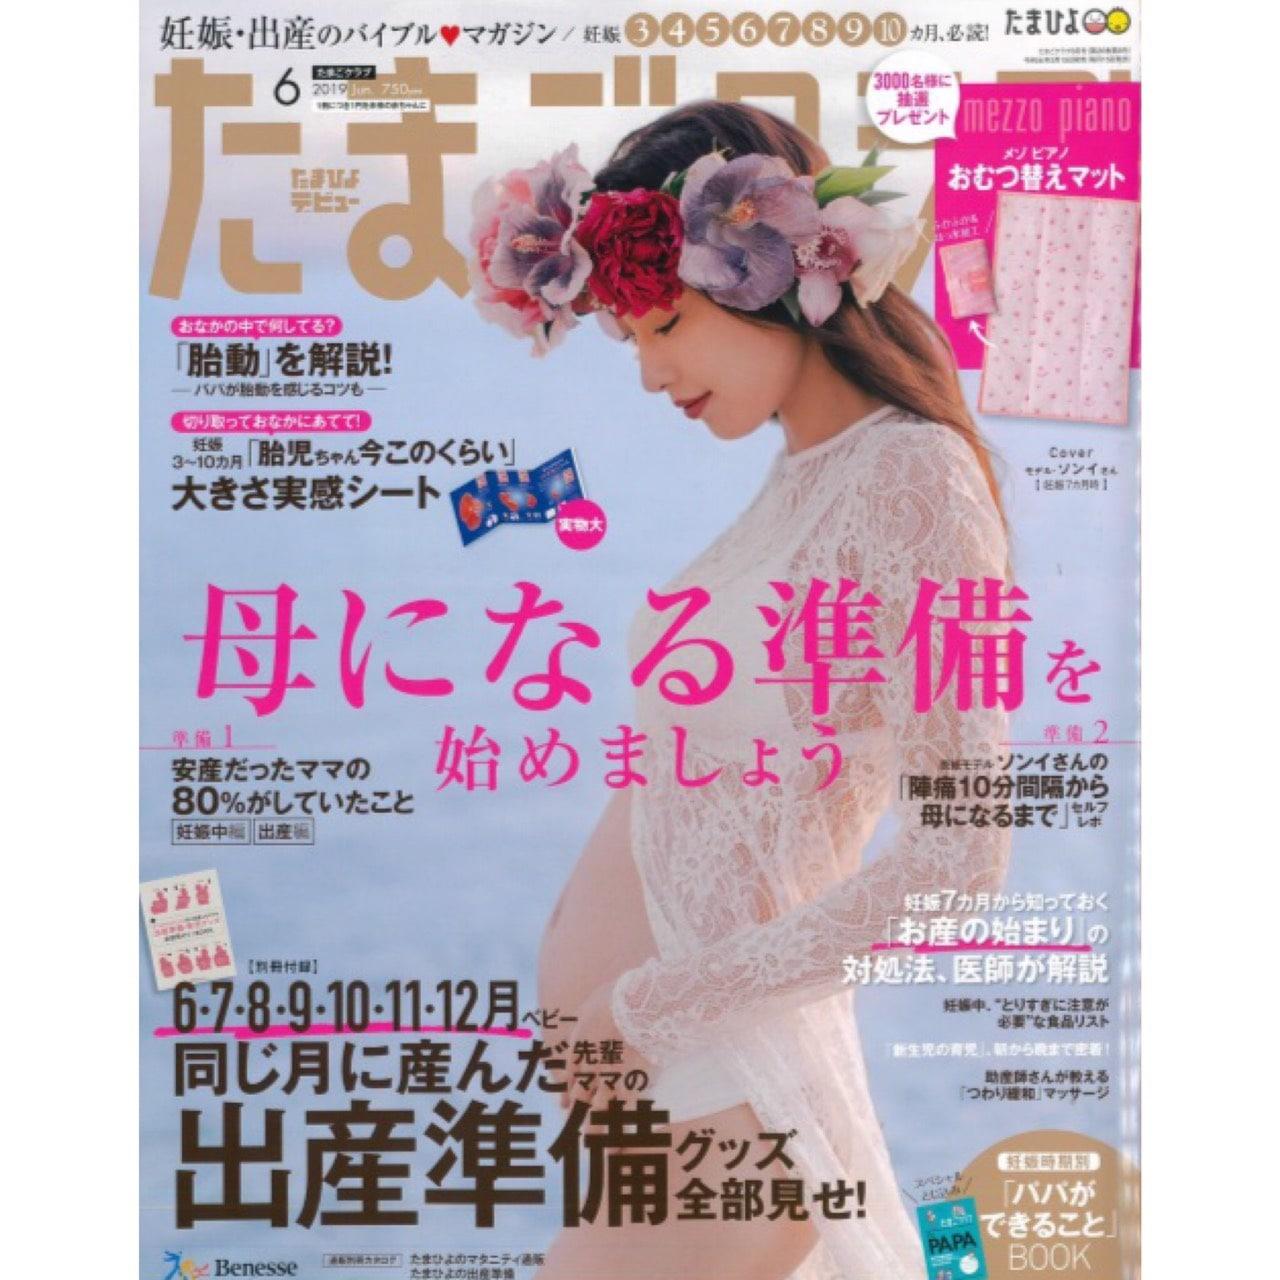 4faa200b47243 雑誌 たまごクラブ 6月号 メゾ ピアノおむつ替えマット を抽選で3000名